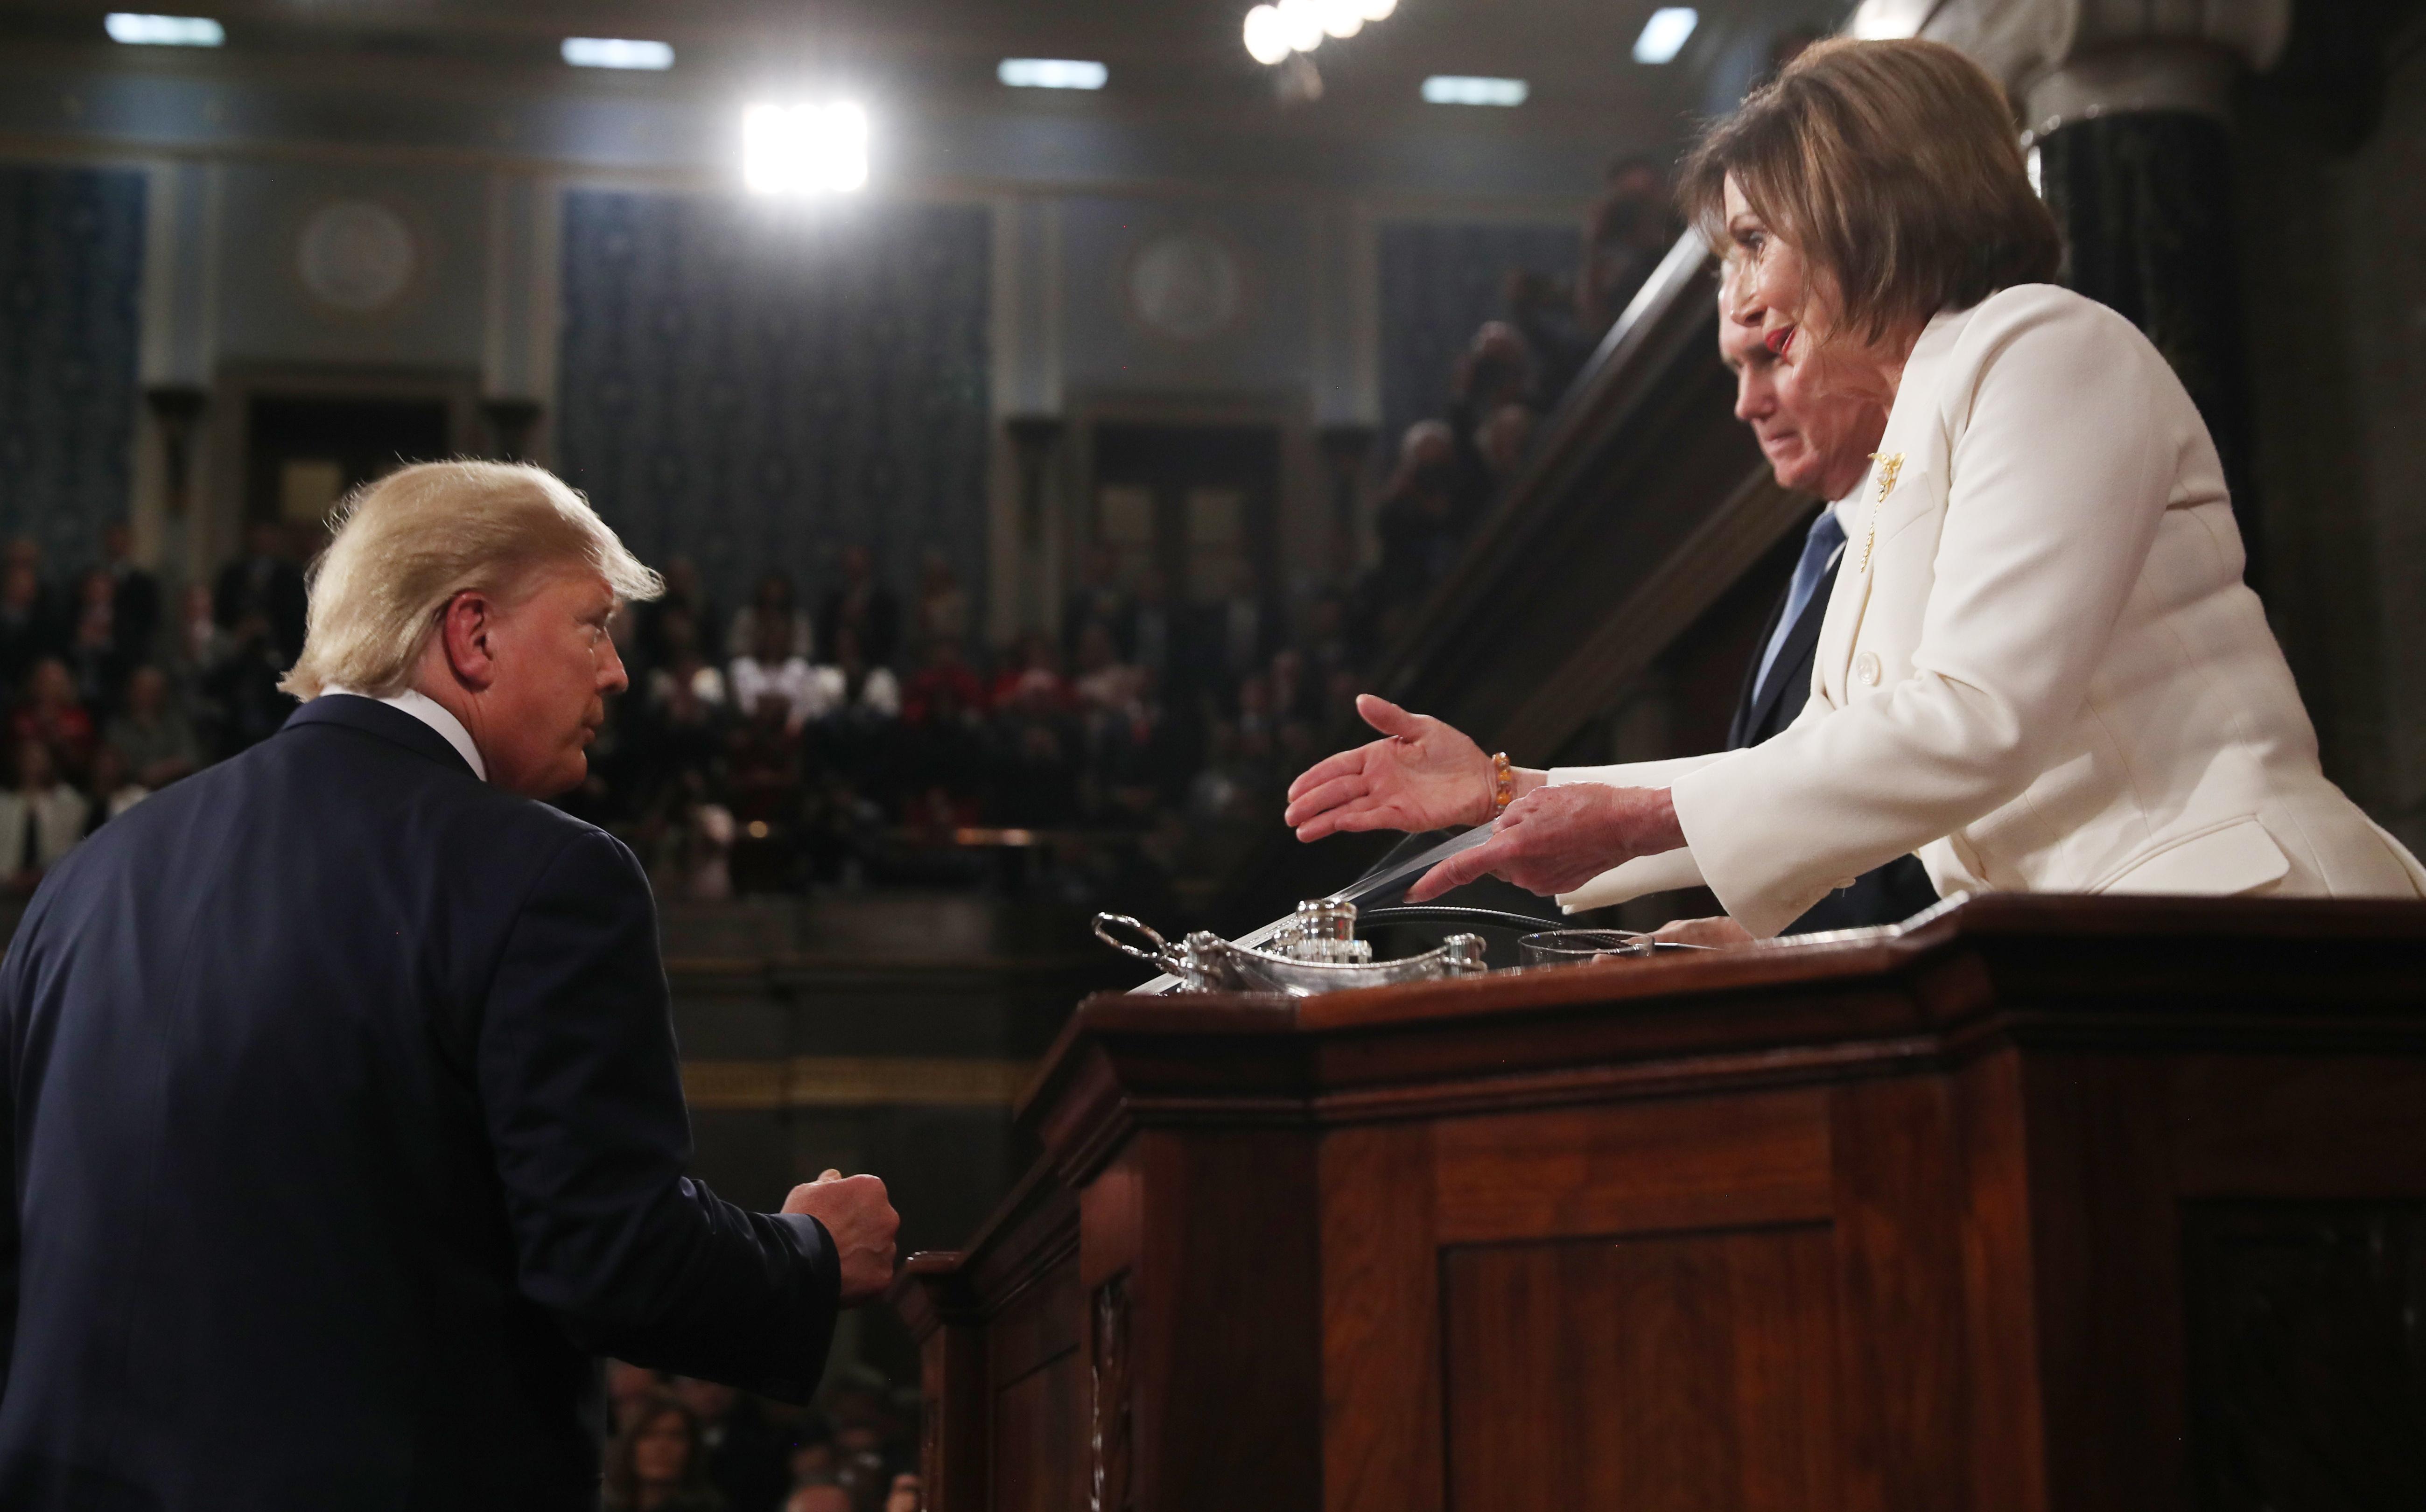 El presidente de Estados Unidos, Donald Trump, llega para ofrecer su discurso sobe el Estado de la Unión en un pleno del Congreso, en la Cámara de Representantes, en el Capitolio, en Washington, el martes 4 de febrero de 2020, mientras la presidenta de la Cámara de Representantes, Nancy Pelosi, le tiende la mano. (Leah Millis/Pool via AP)